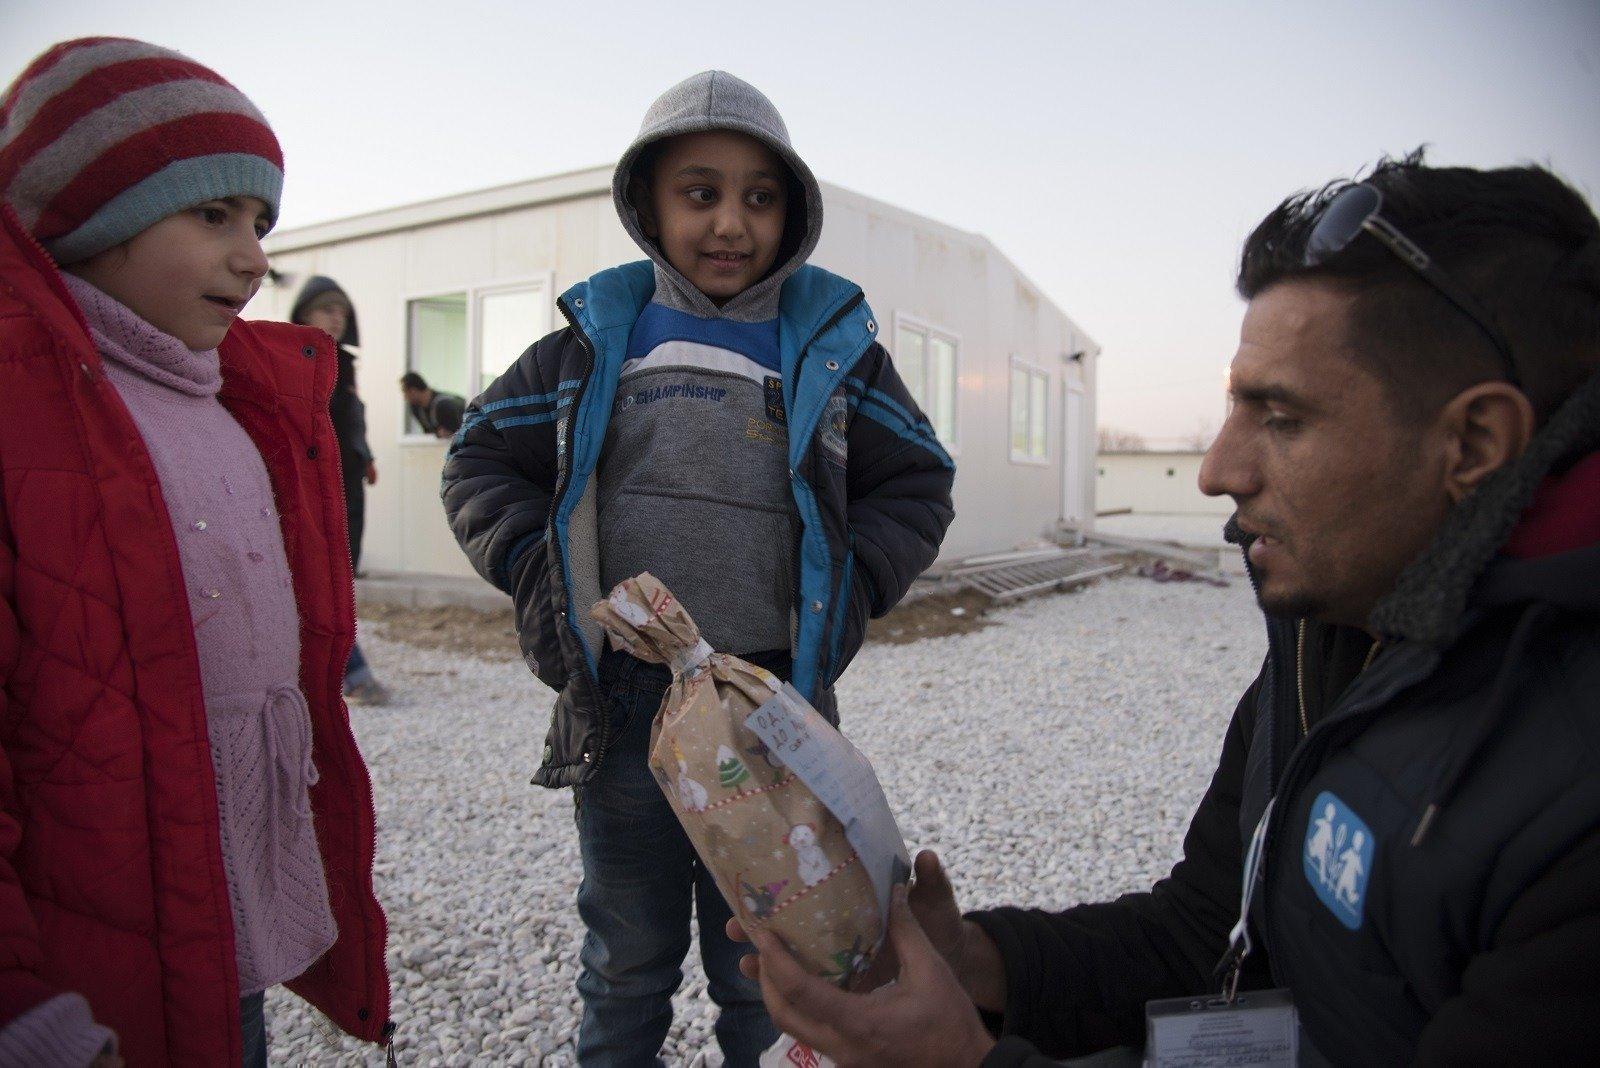 Collaboratori di un villaggio SOS con bambini siriani presso un centro di accoglienza in Macedonia.